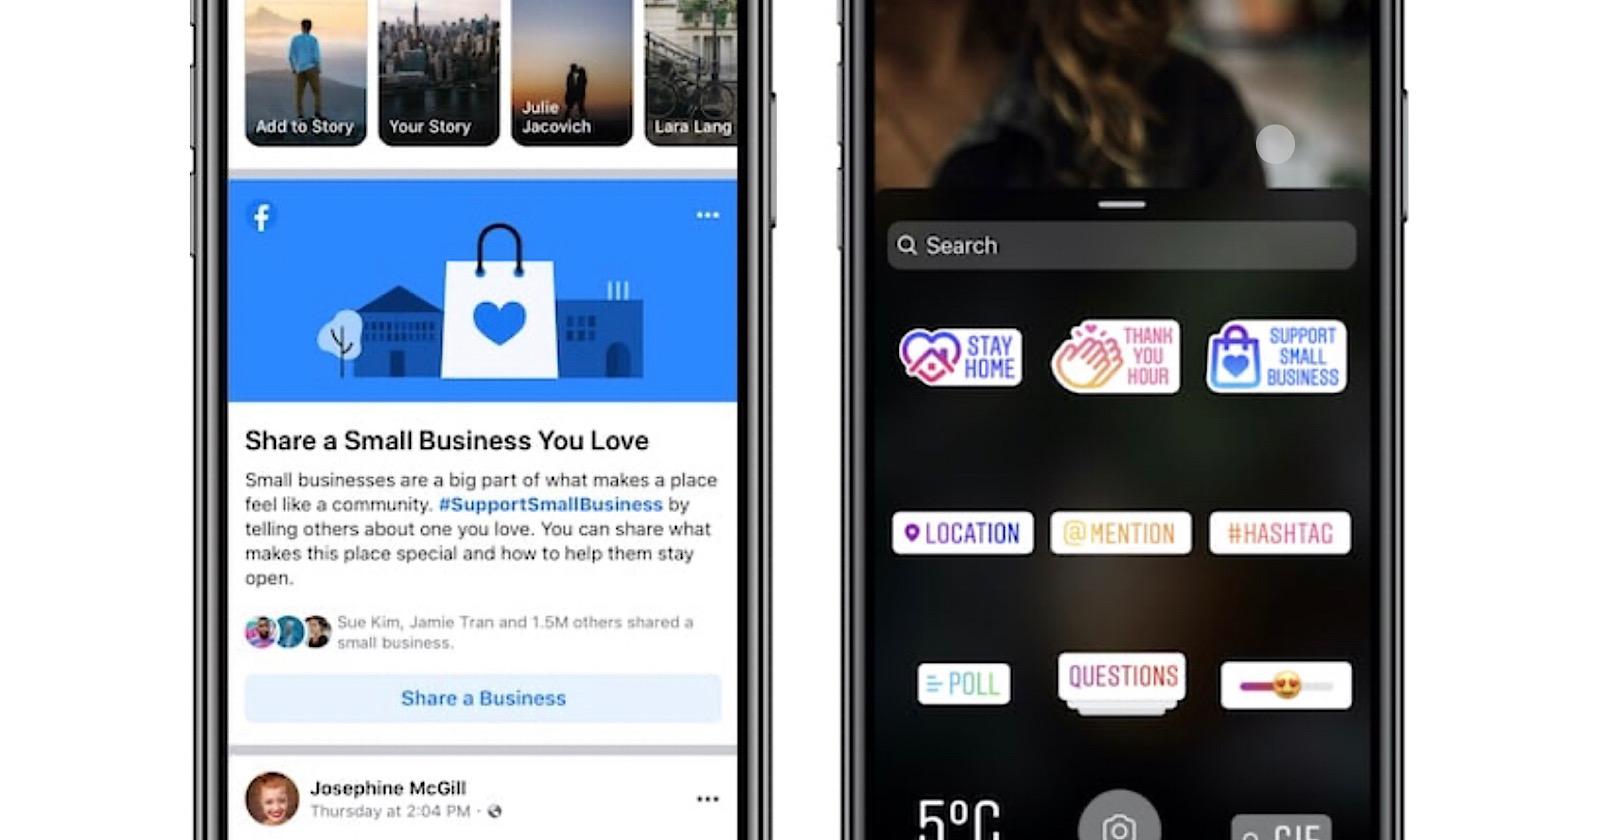 Facebook VÀ Instagram Thêm nhiều cách để hỗ trợ các doanh nghiệp địa phương 2